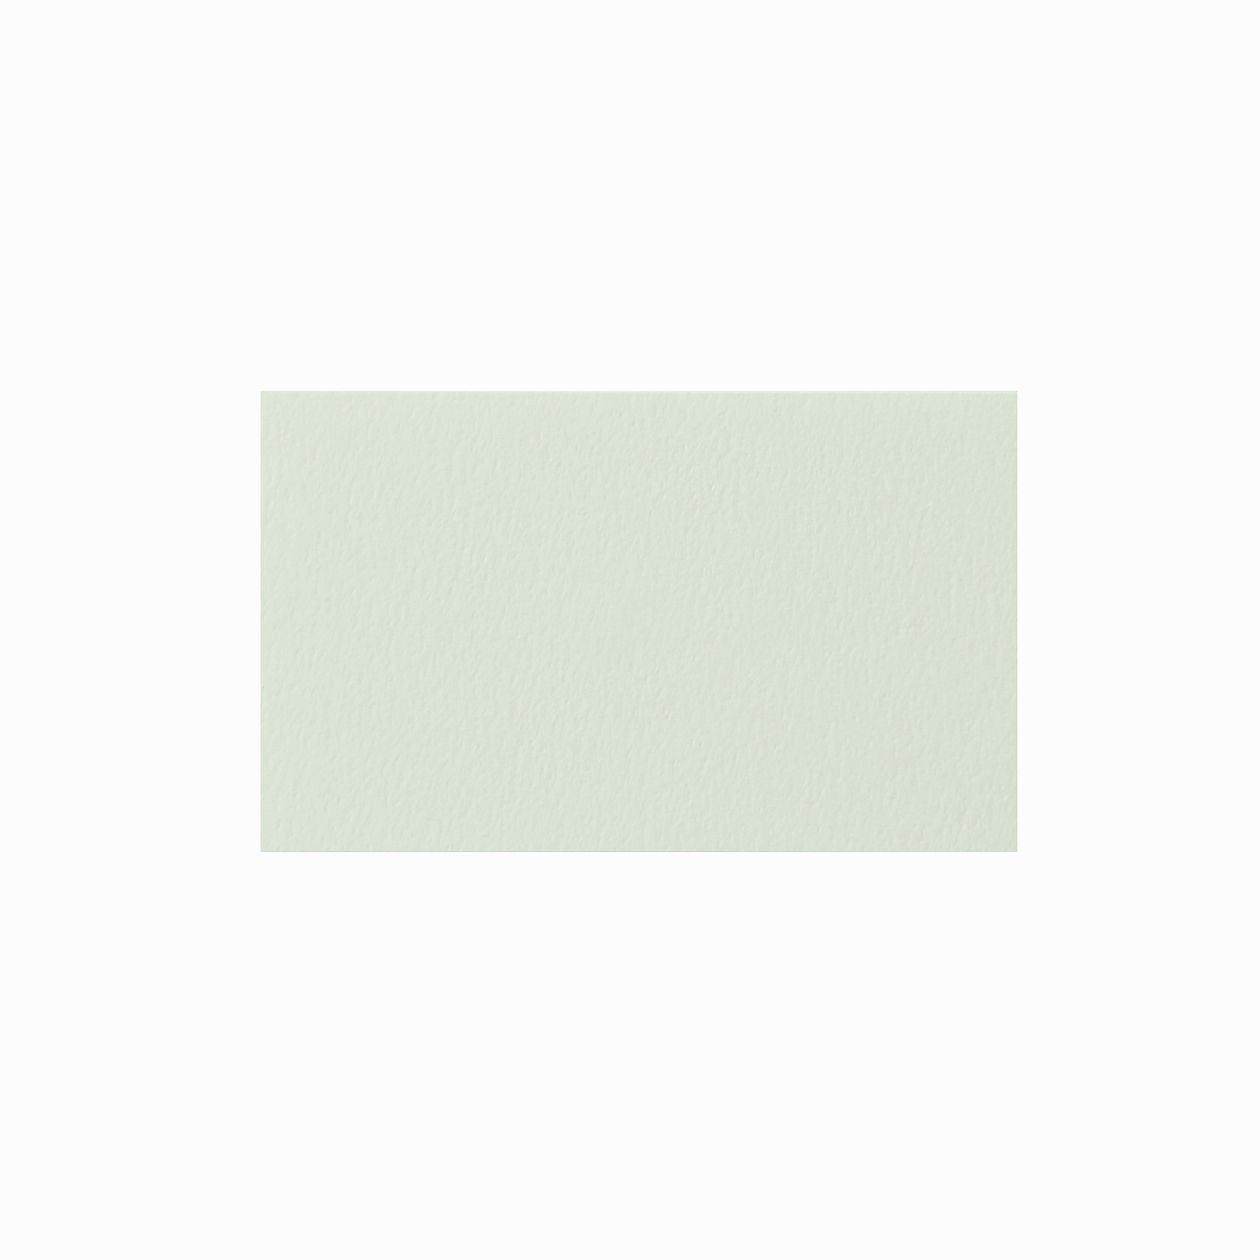 ネームカード ニューラグリン ライム 219.8g